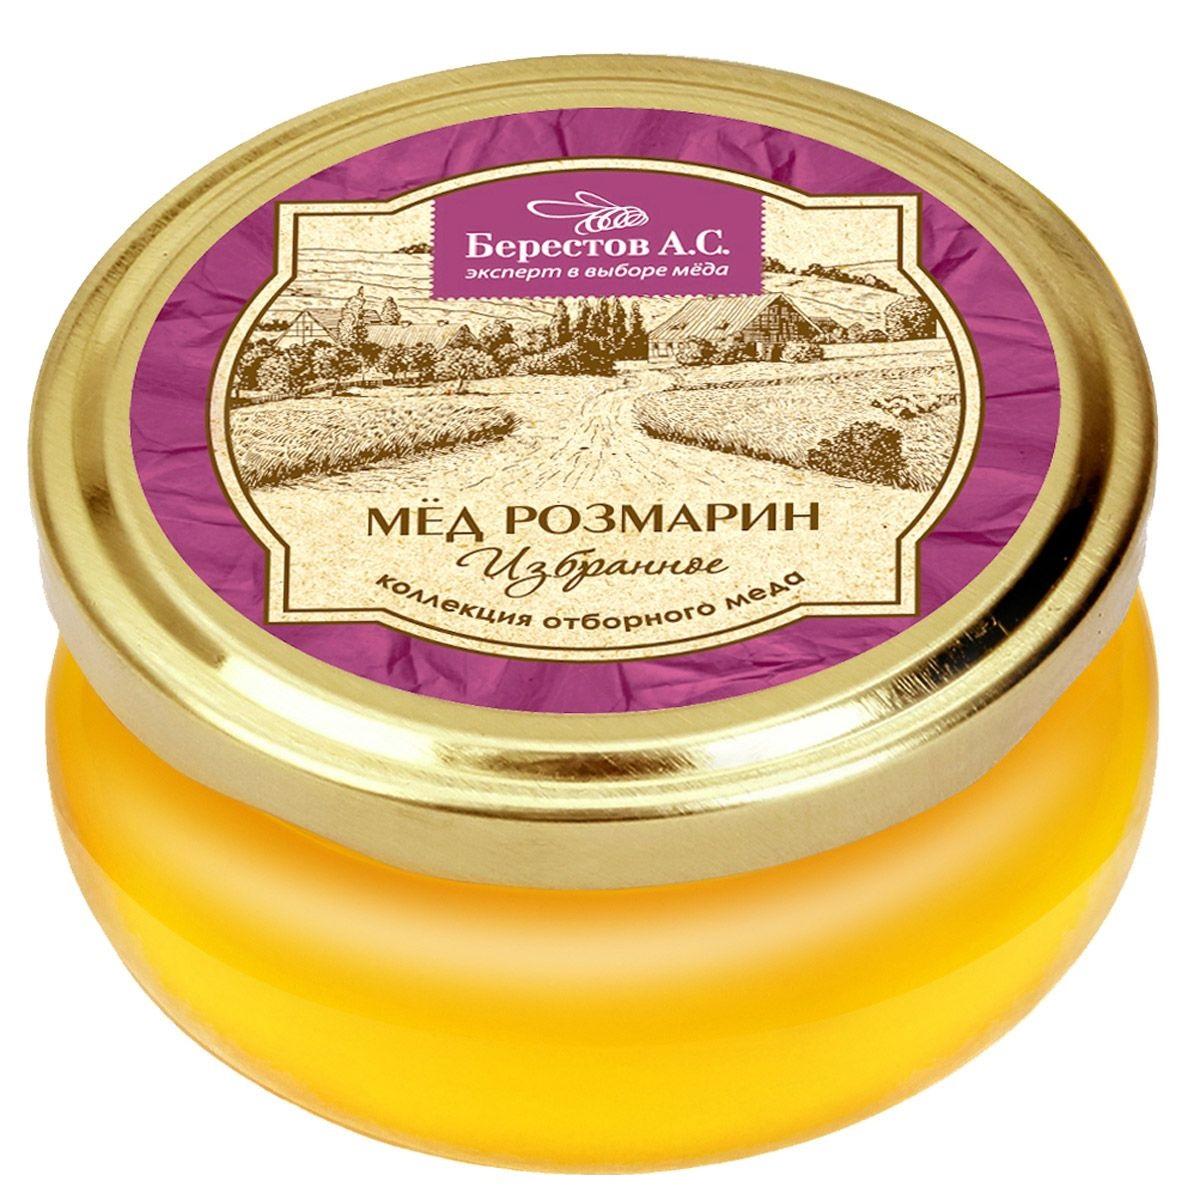 Мед натуральный Берестов А.С.  розмарин 100 г